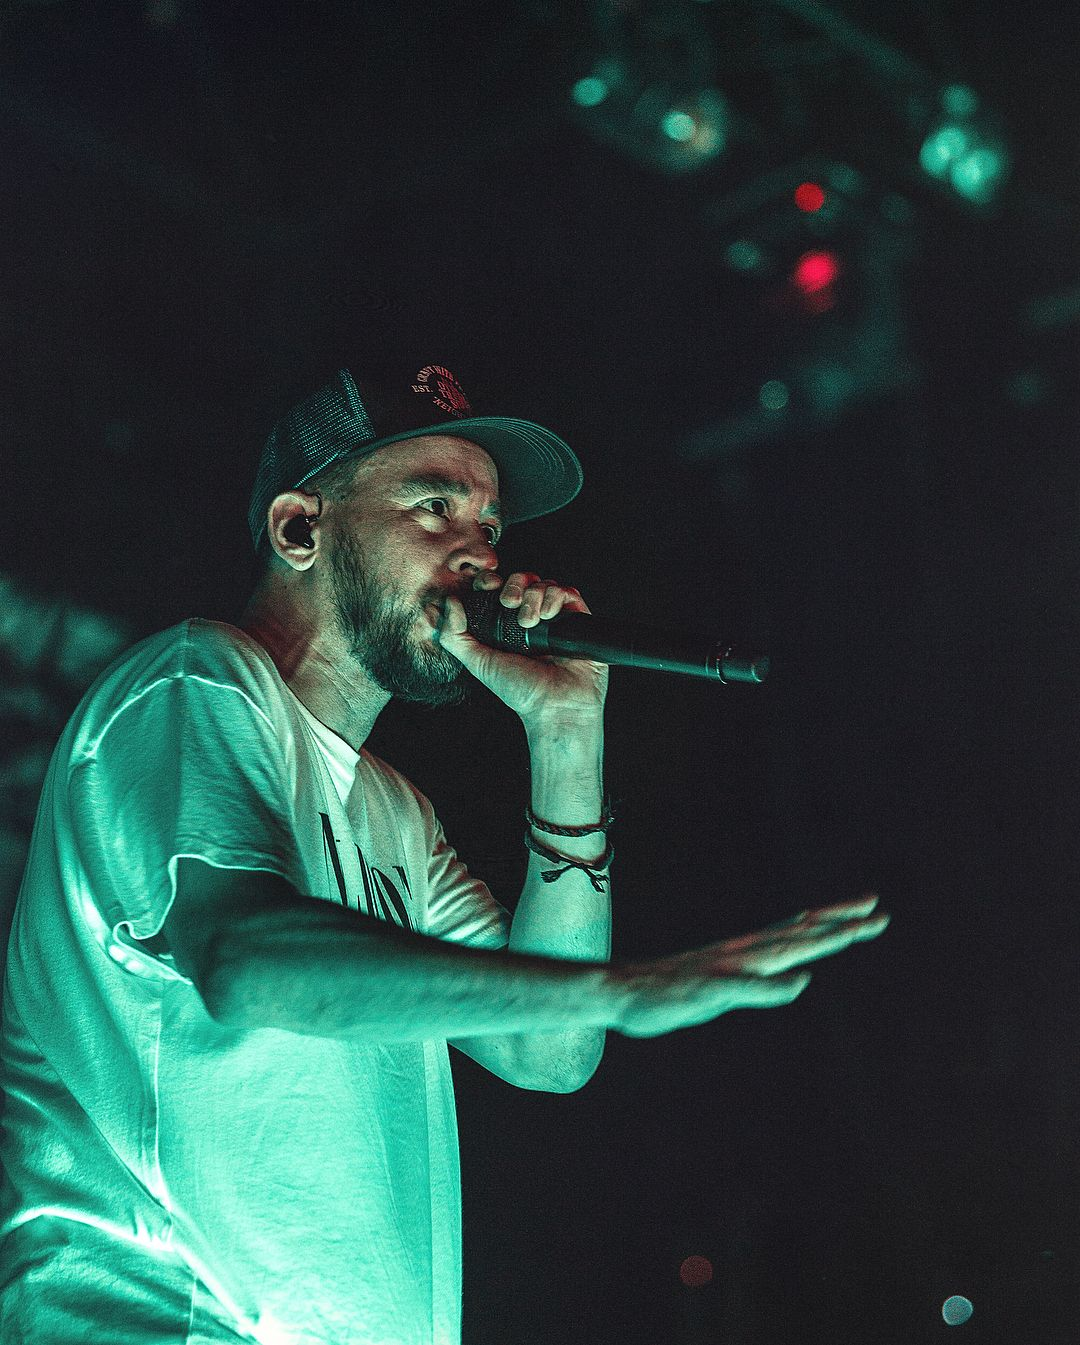 Mike Shinoda | Moscow 2018 | Mike Shinoda in 2019 | Mike